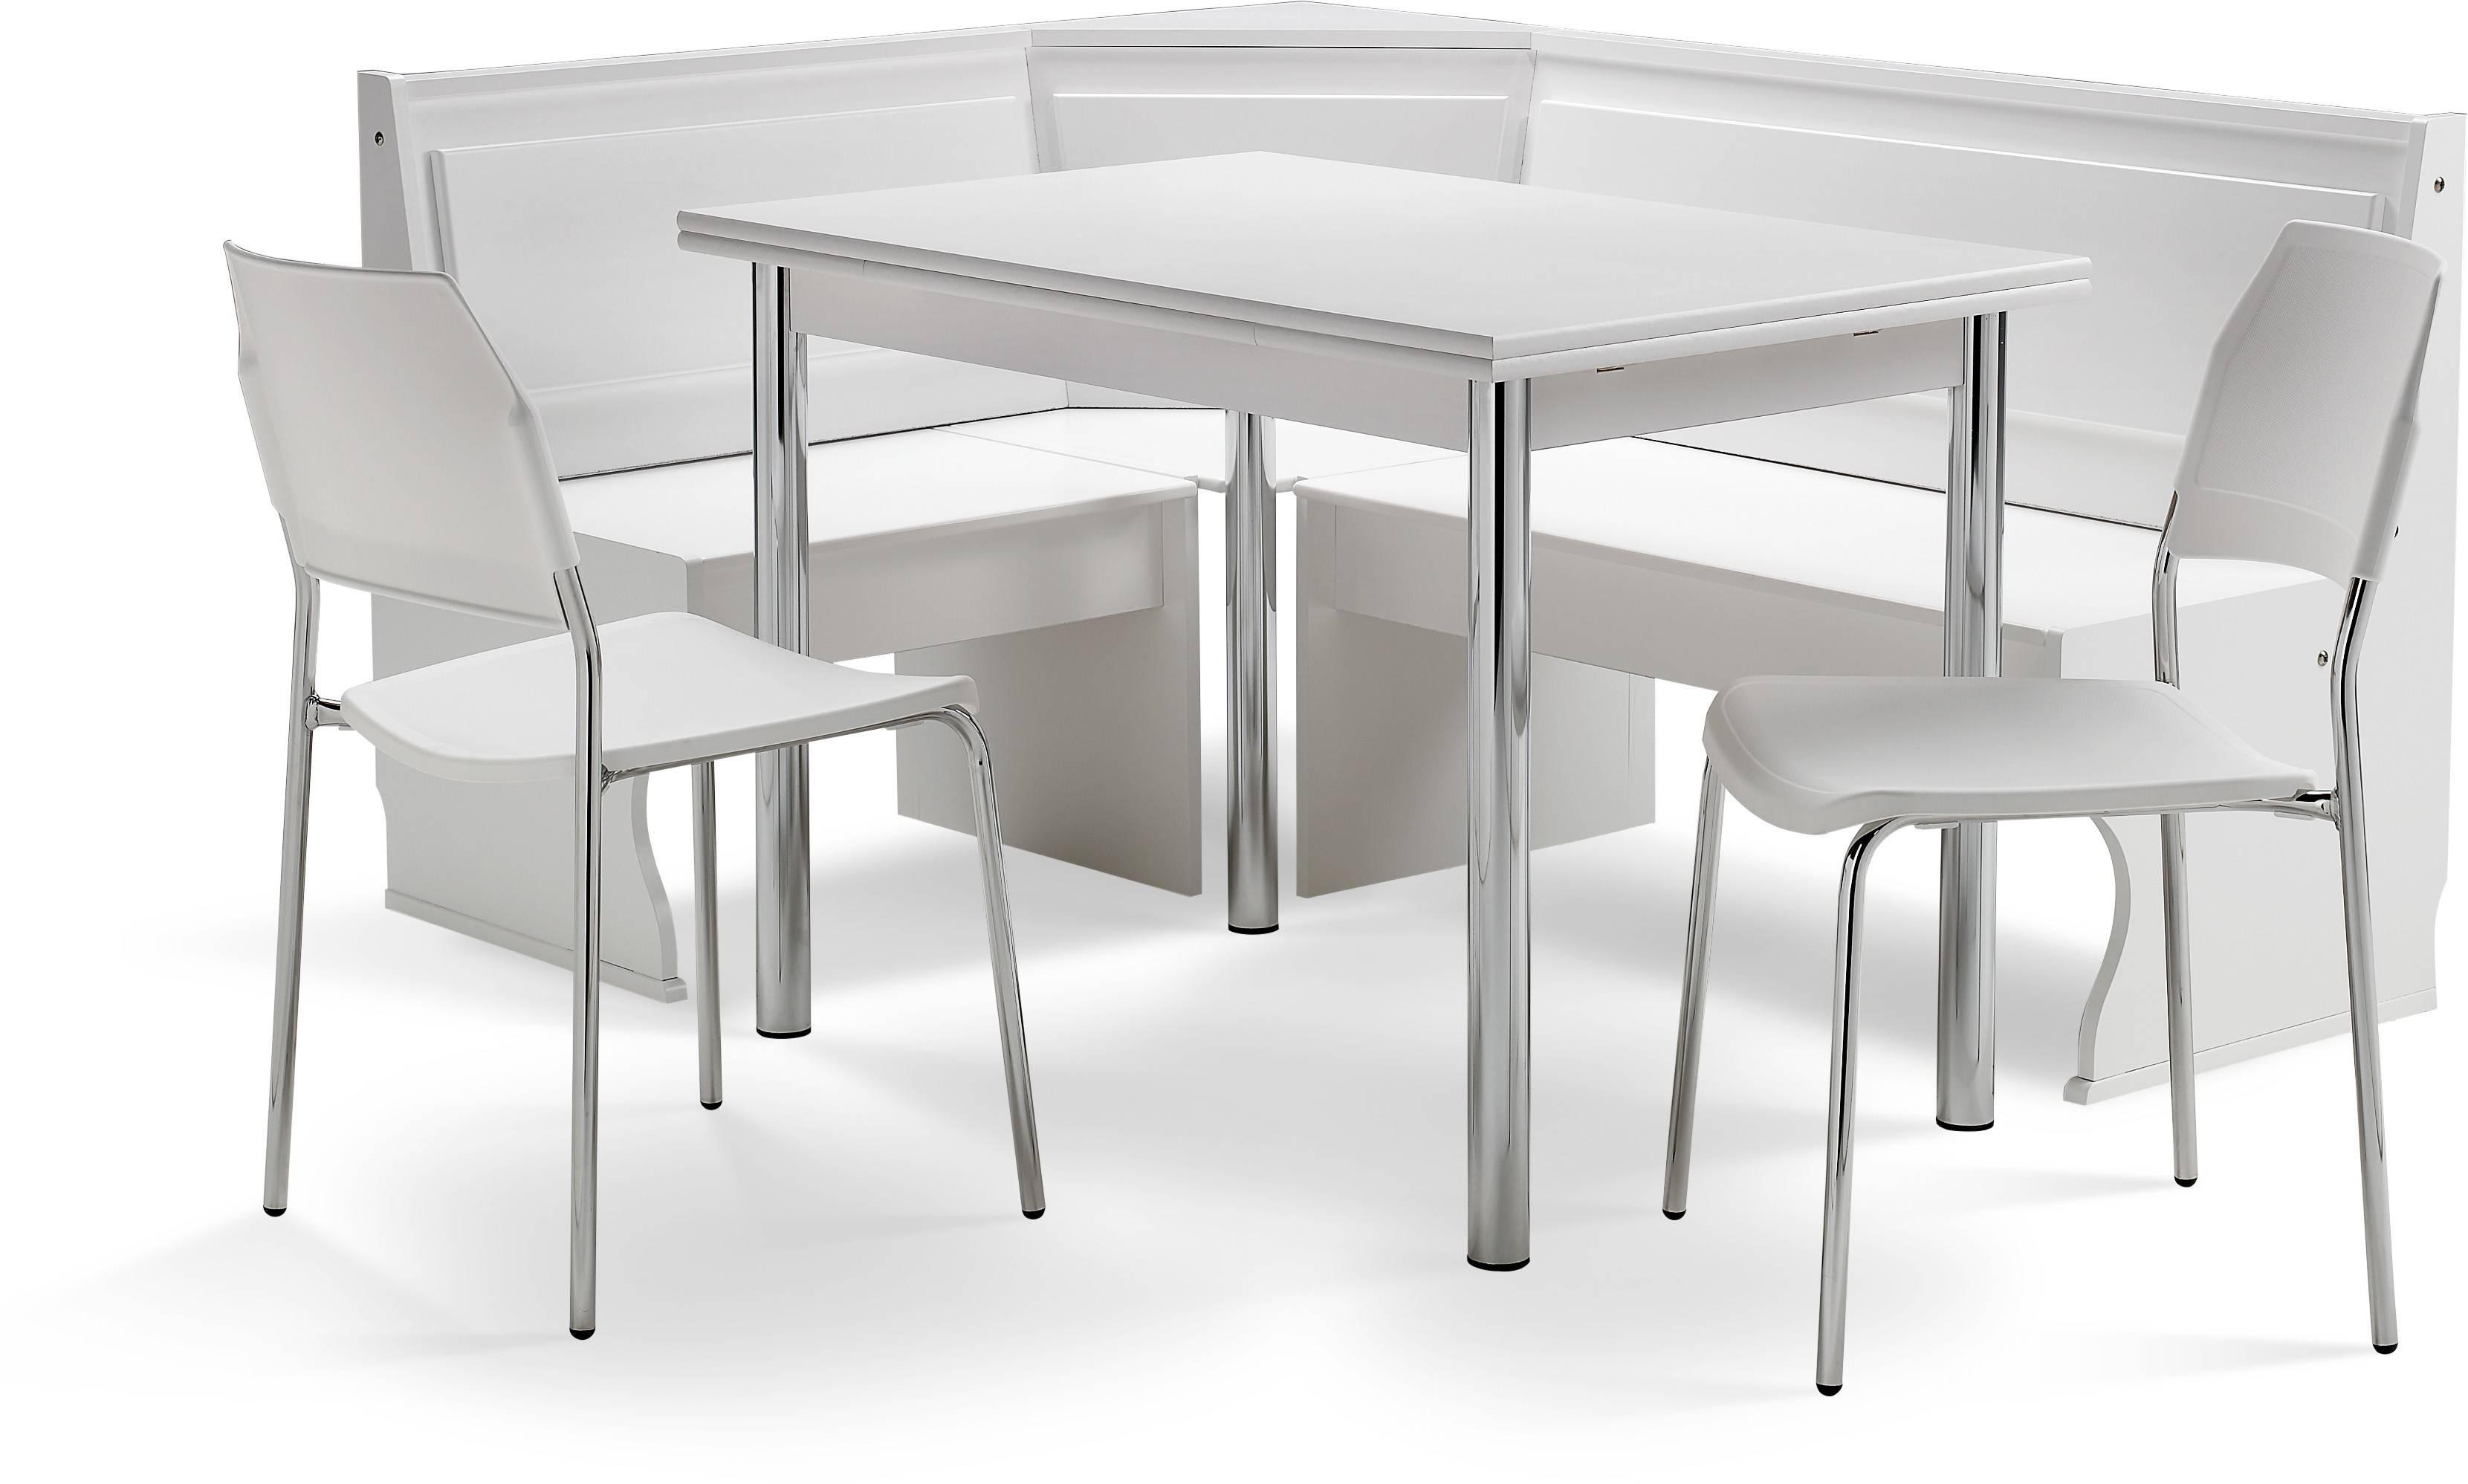 panca-mod-fiume-angolare-con-tavolo-e-due-sedie-finitura-laccato-bianco.jpg